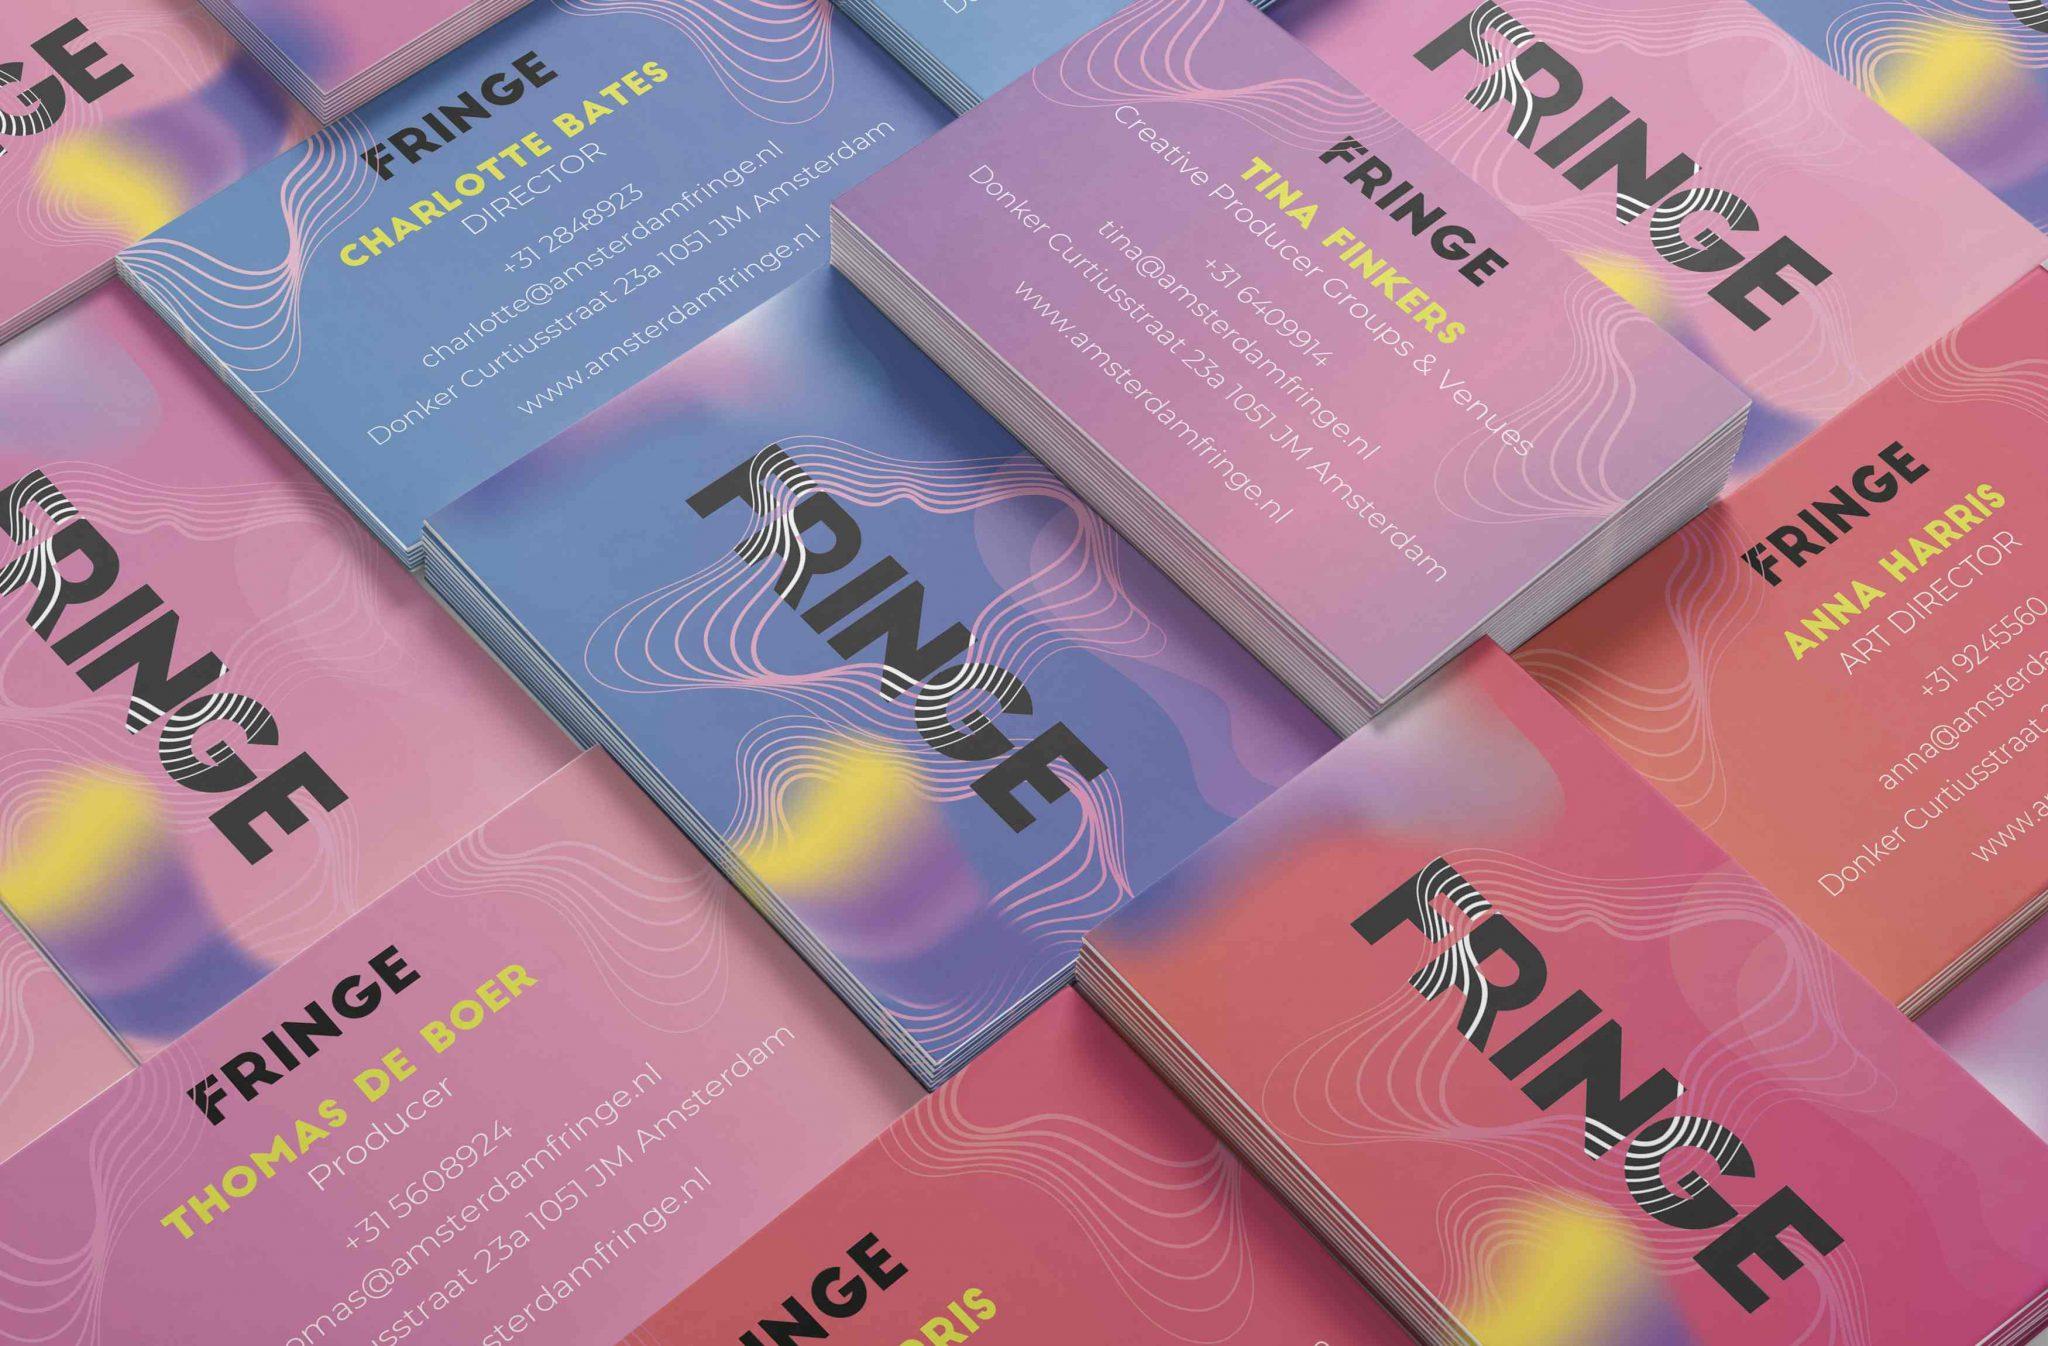 Fringe Festival. Creative Direction. Festival artwork & logo and booklet layout design.